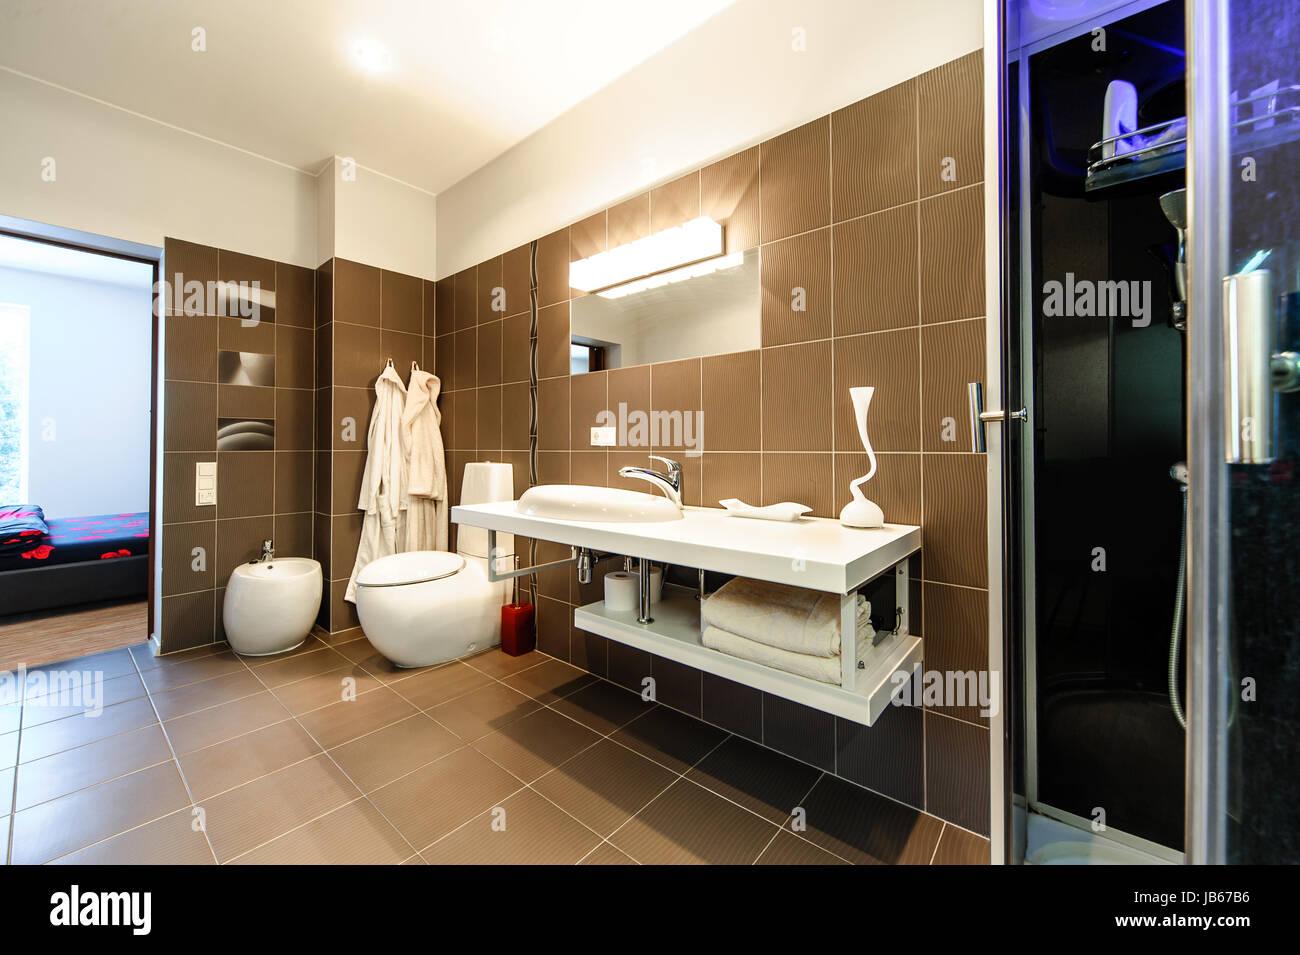 Modernes Badezimmer Luxus-Interieur Stockfoto, Bild: 144581674 - Alamy